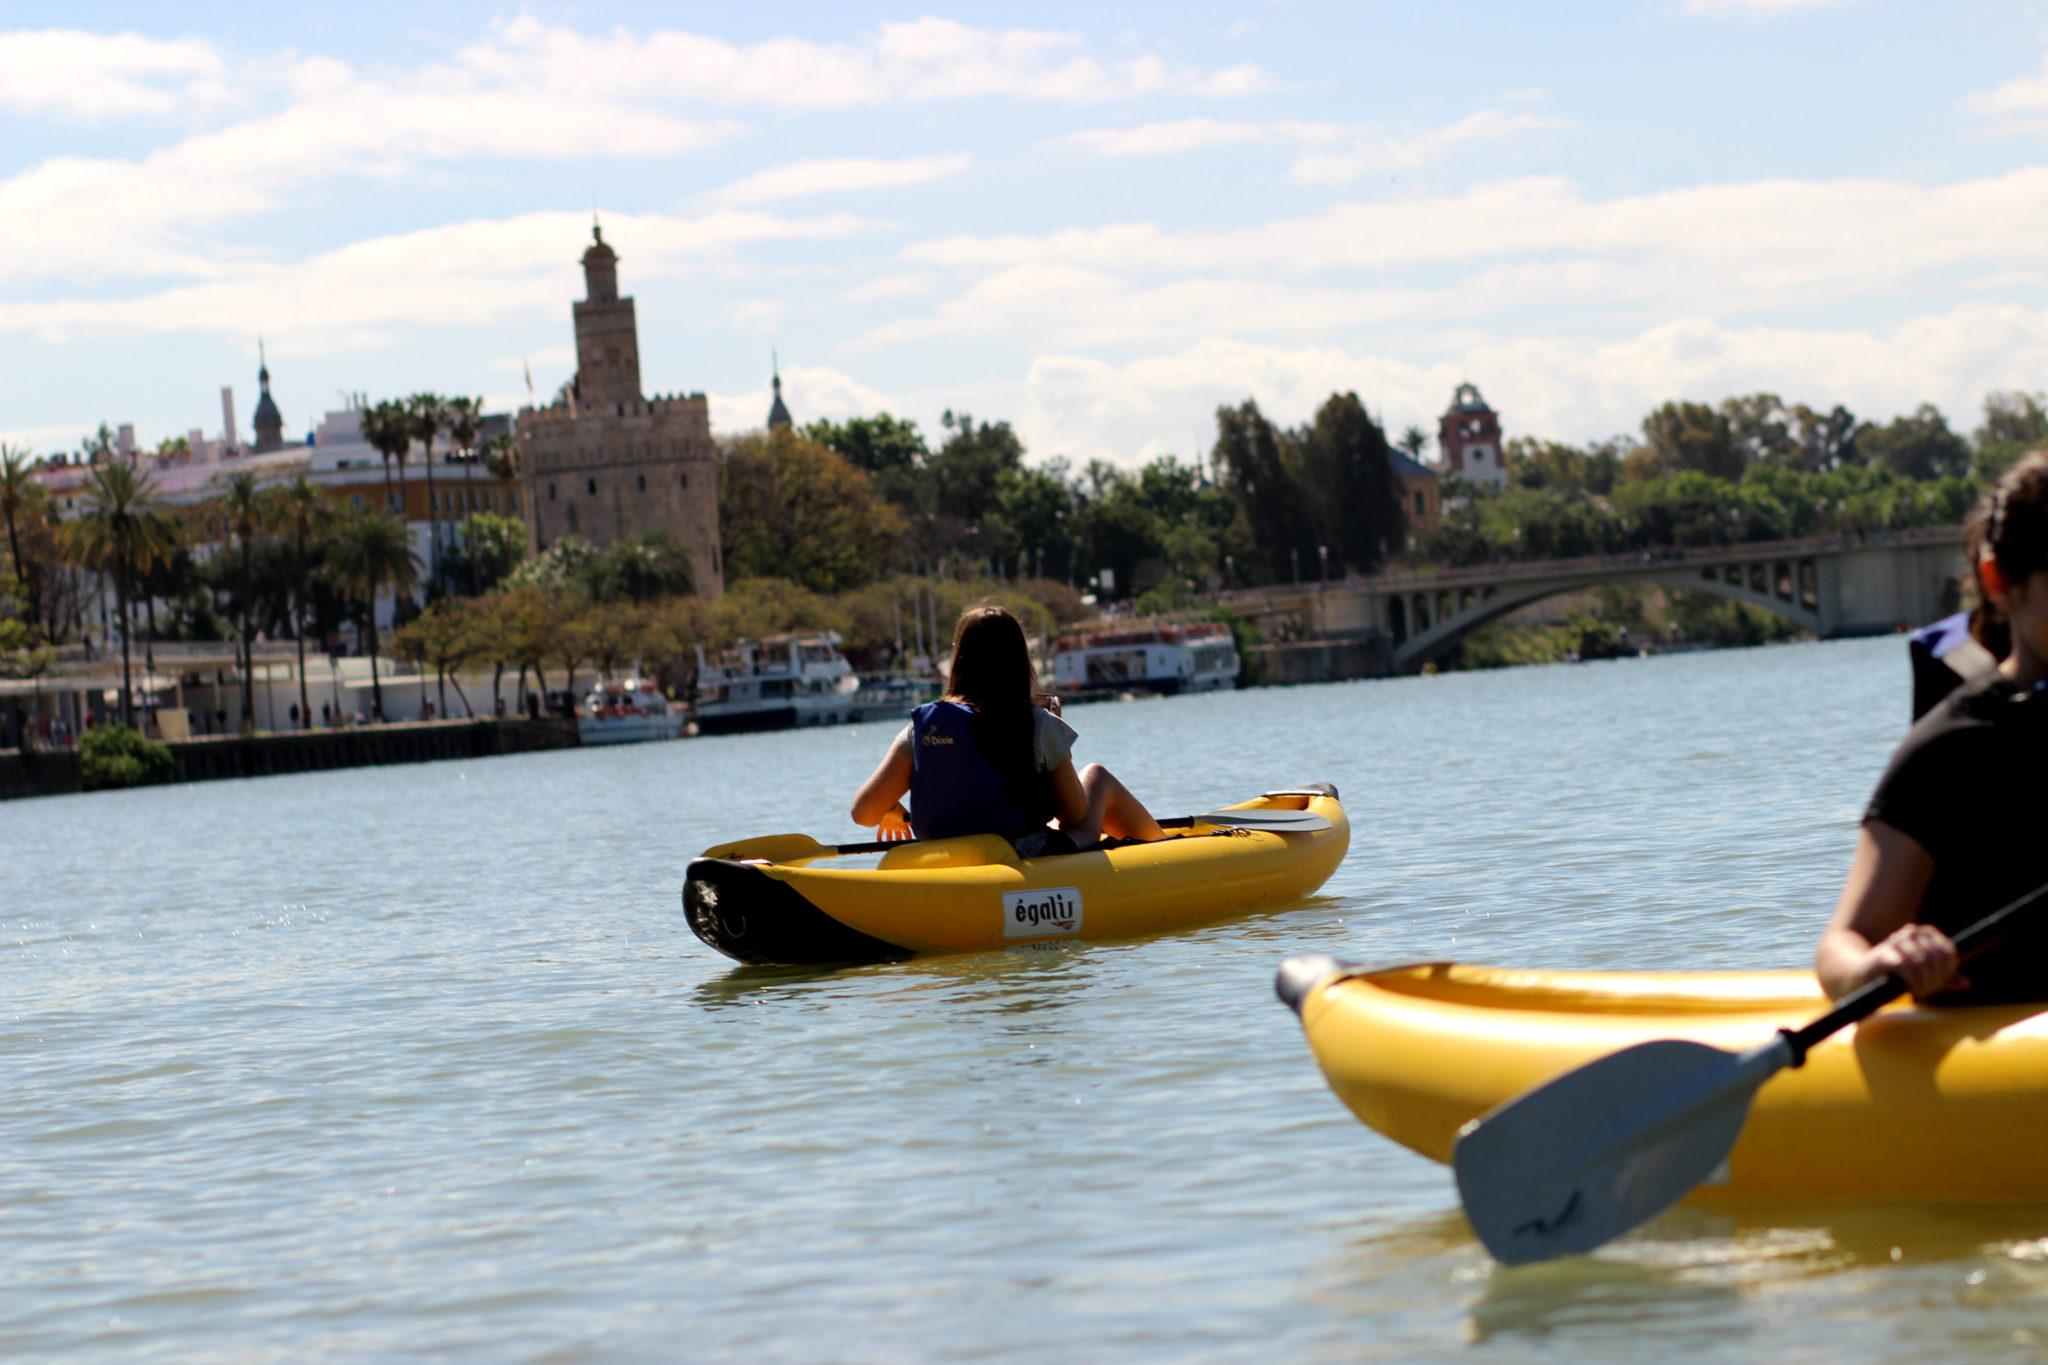 Ver Sevilla en Kayak